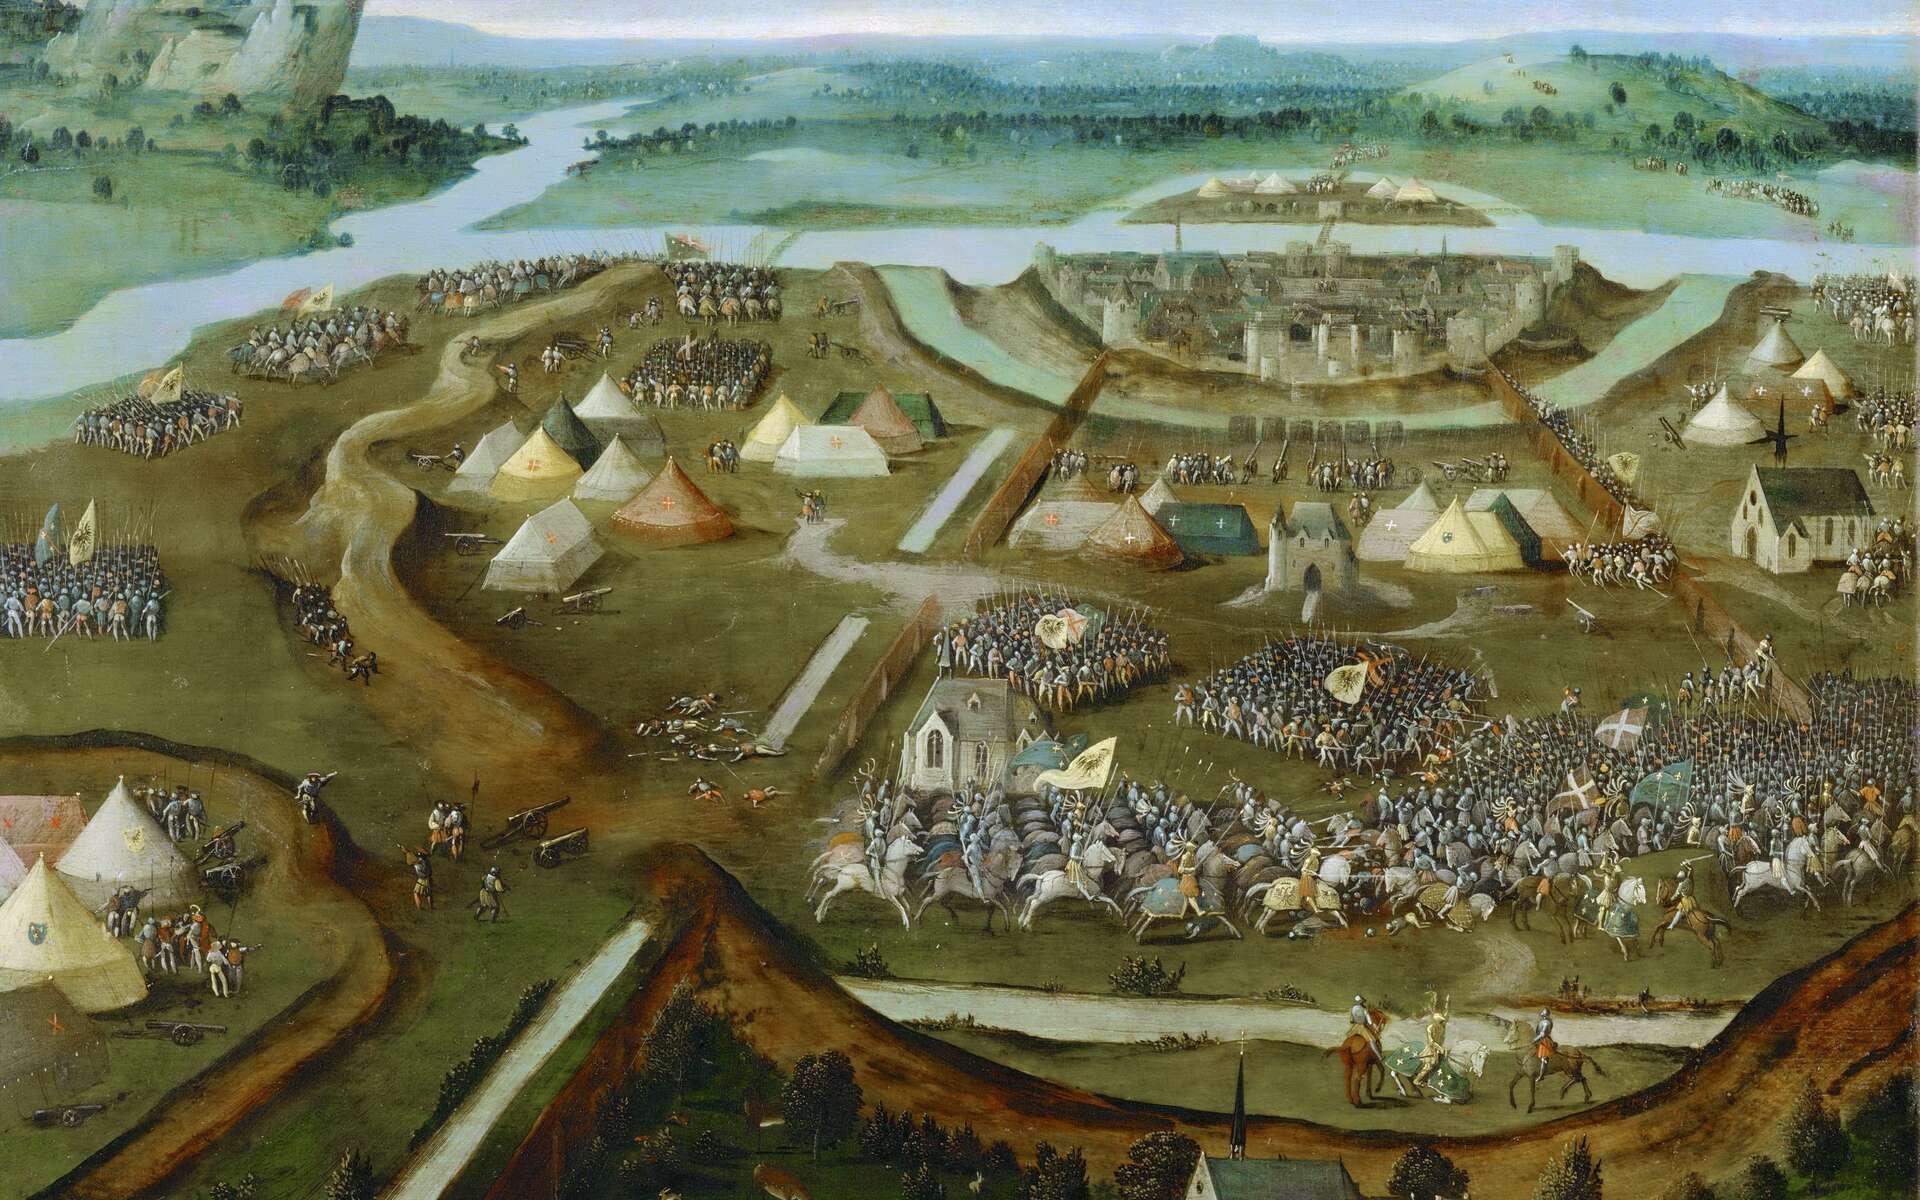 La bataille de Marignan fait partie des guerres d'Italie. Ici, celle de Pavie, illustrée par une peinture de Joachim Patinir. © Musée de l'Histoire de l'Art, Vienne, Autriche. Wikimedia Commons, domaine public